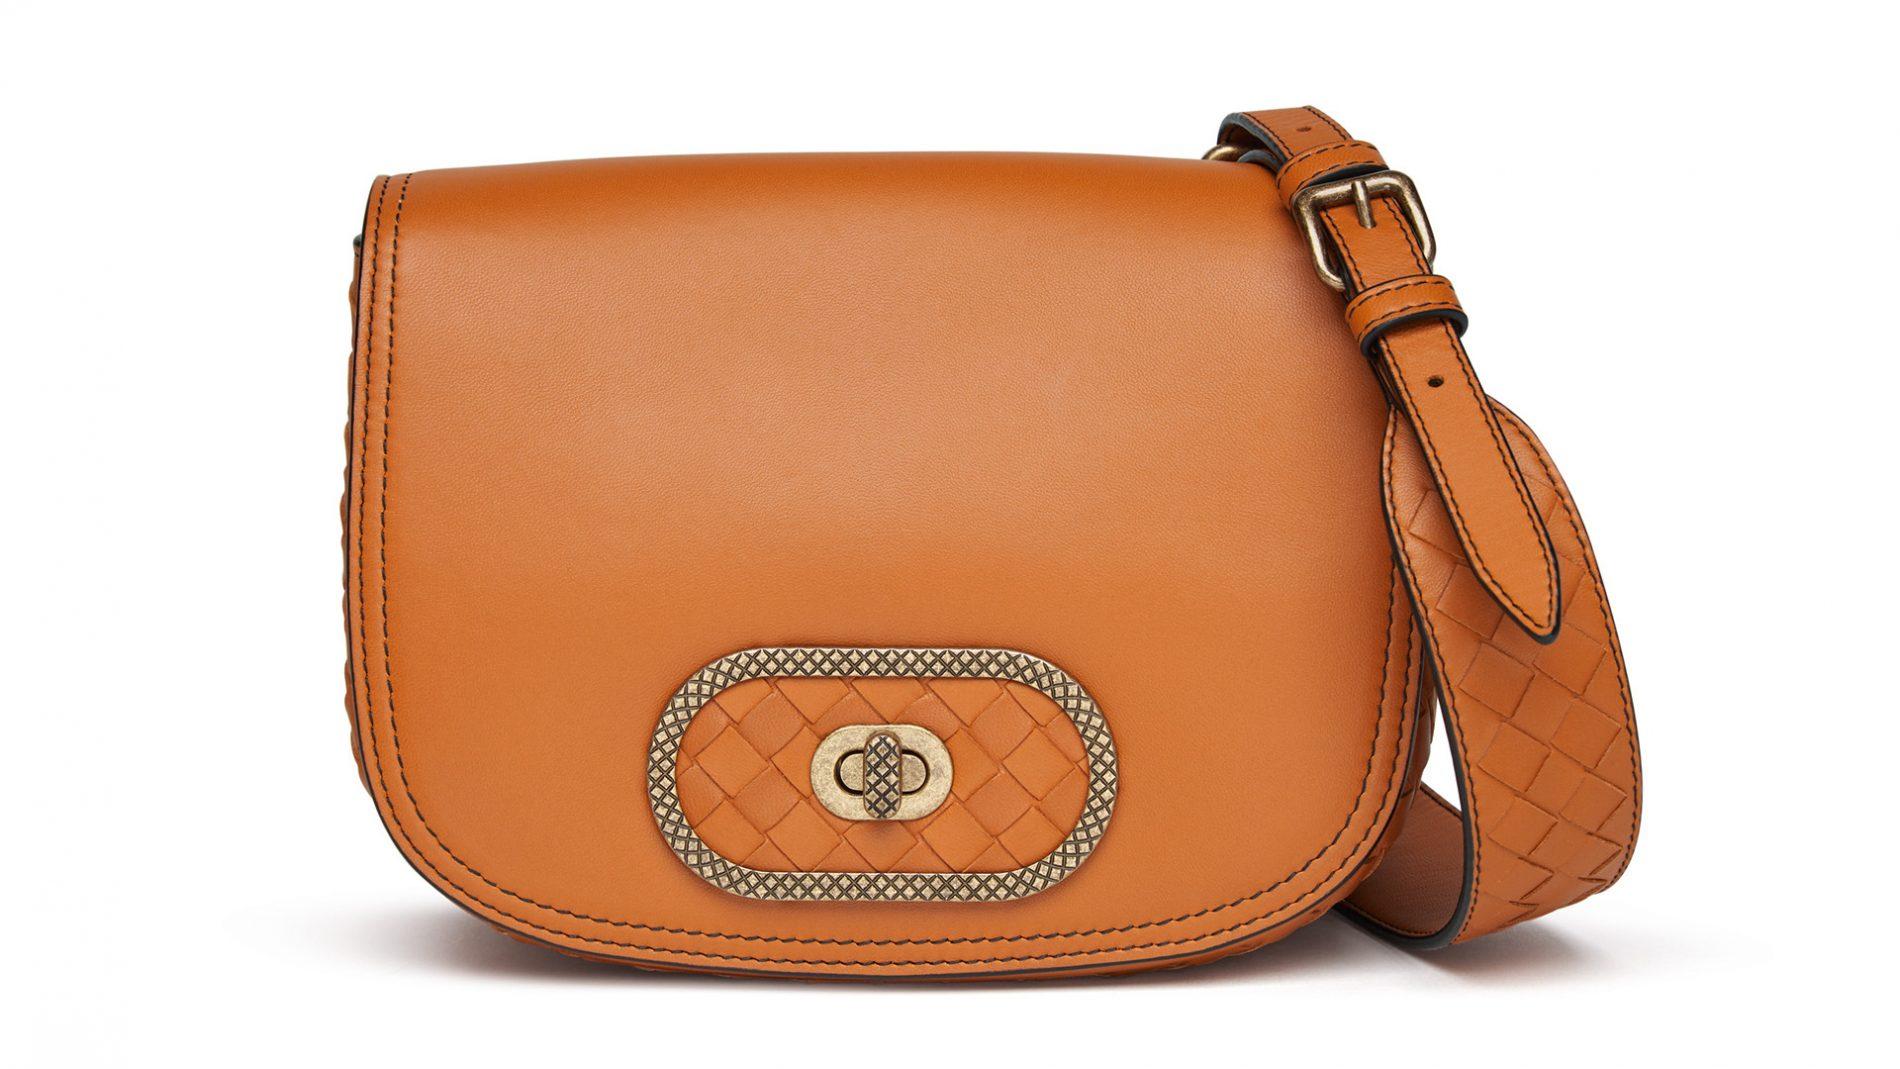 El Corte Ingles Designer Handbags Bottega Veneta